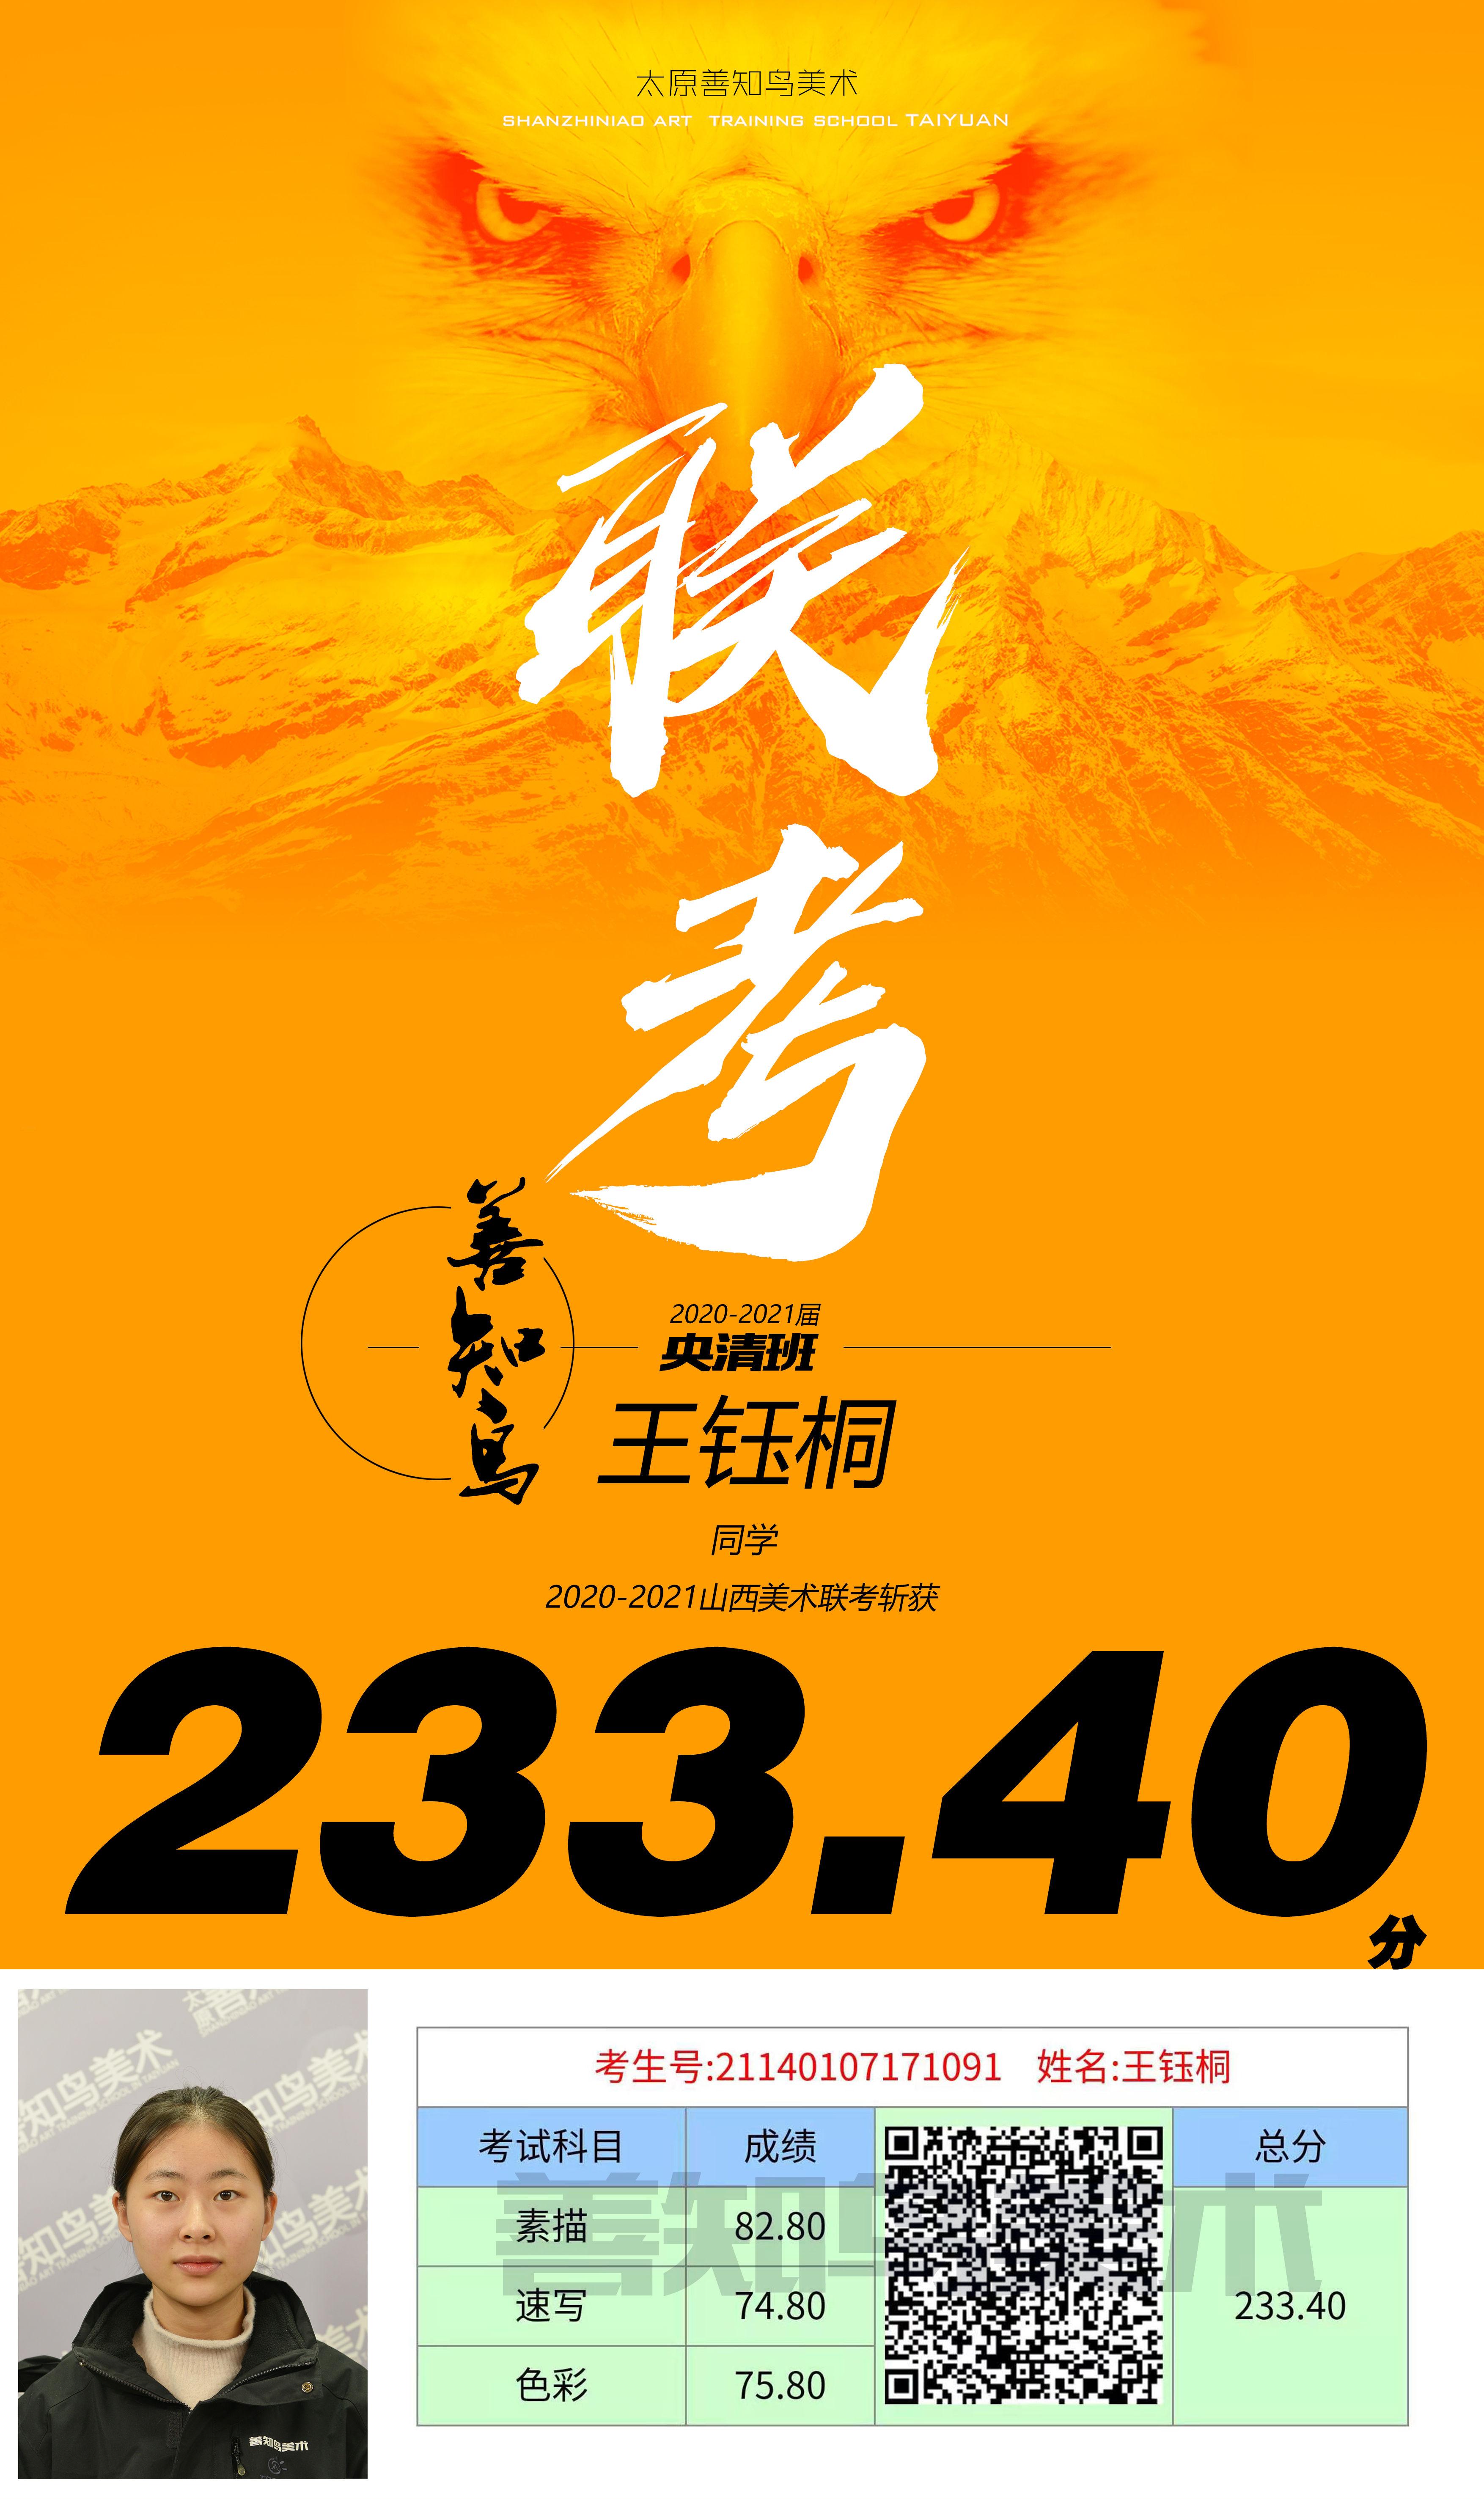 233.40王钰桐.jpg